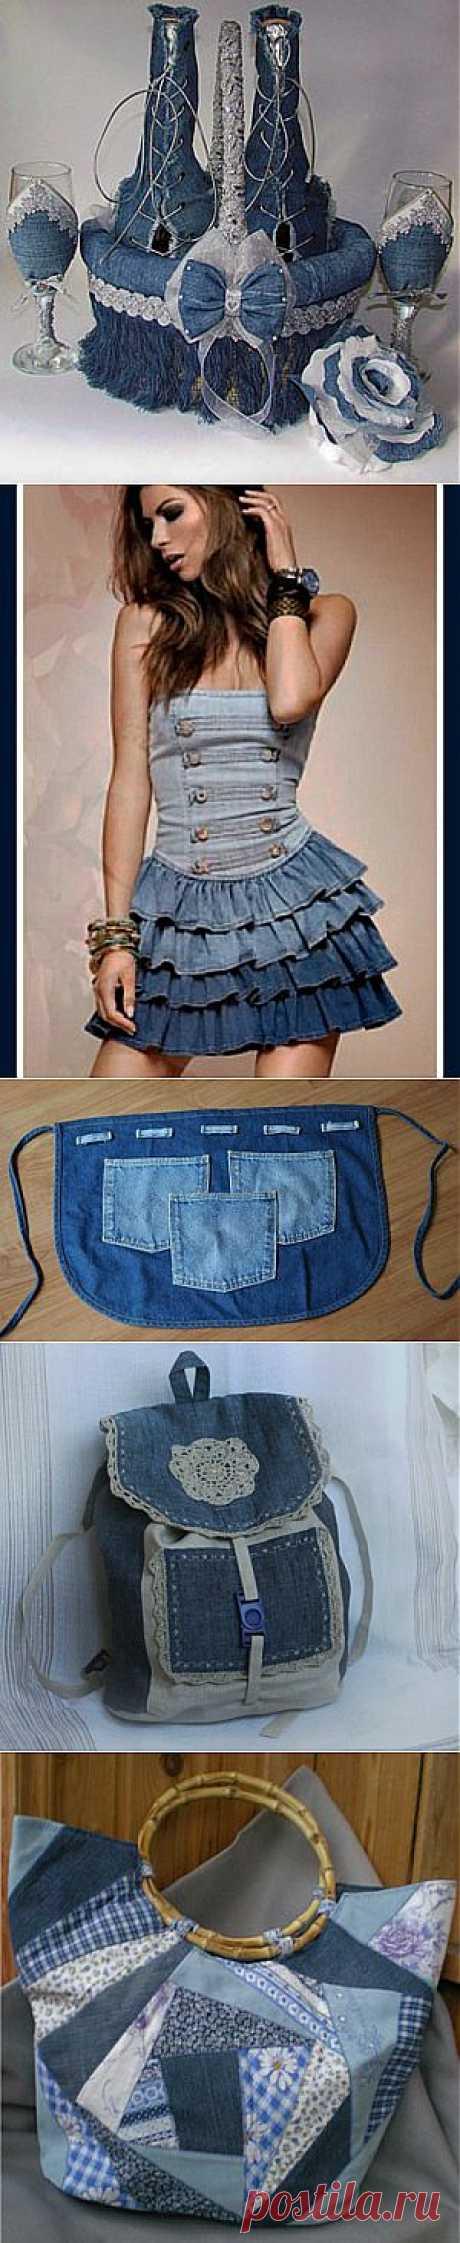 Что можно сшить из старых джинсов / Интересные идеи декора / PassionForum - мастер-классы по рукоделию